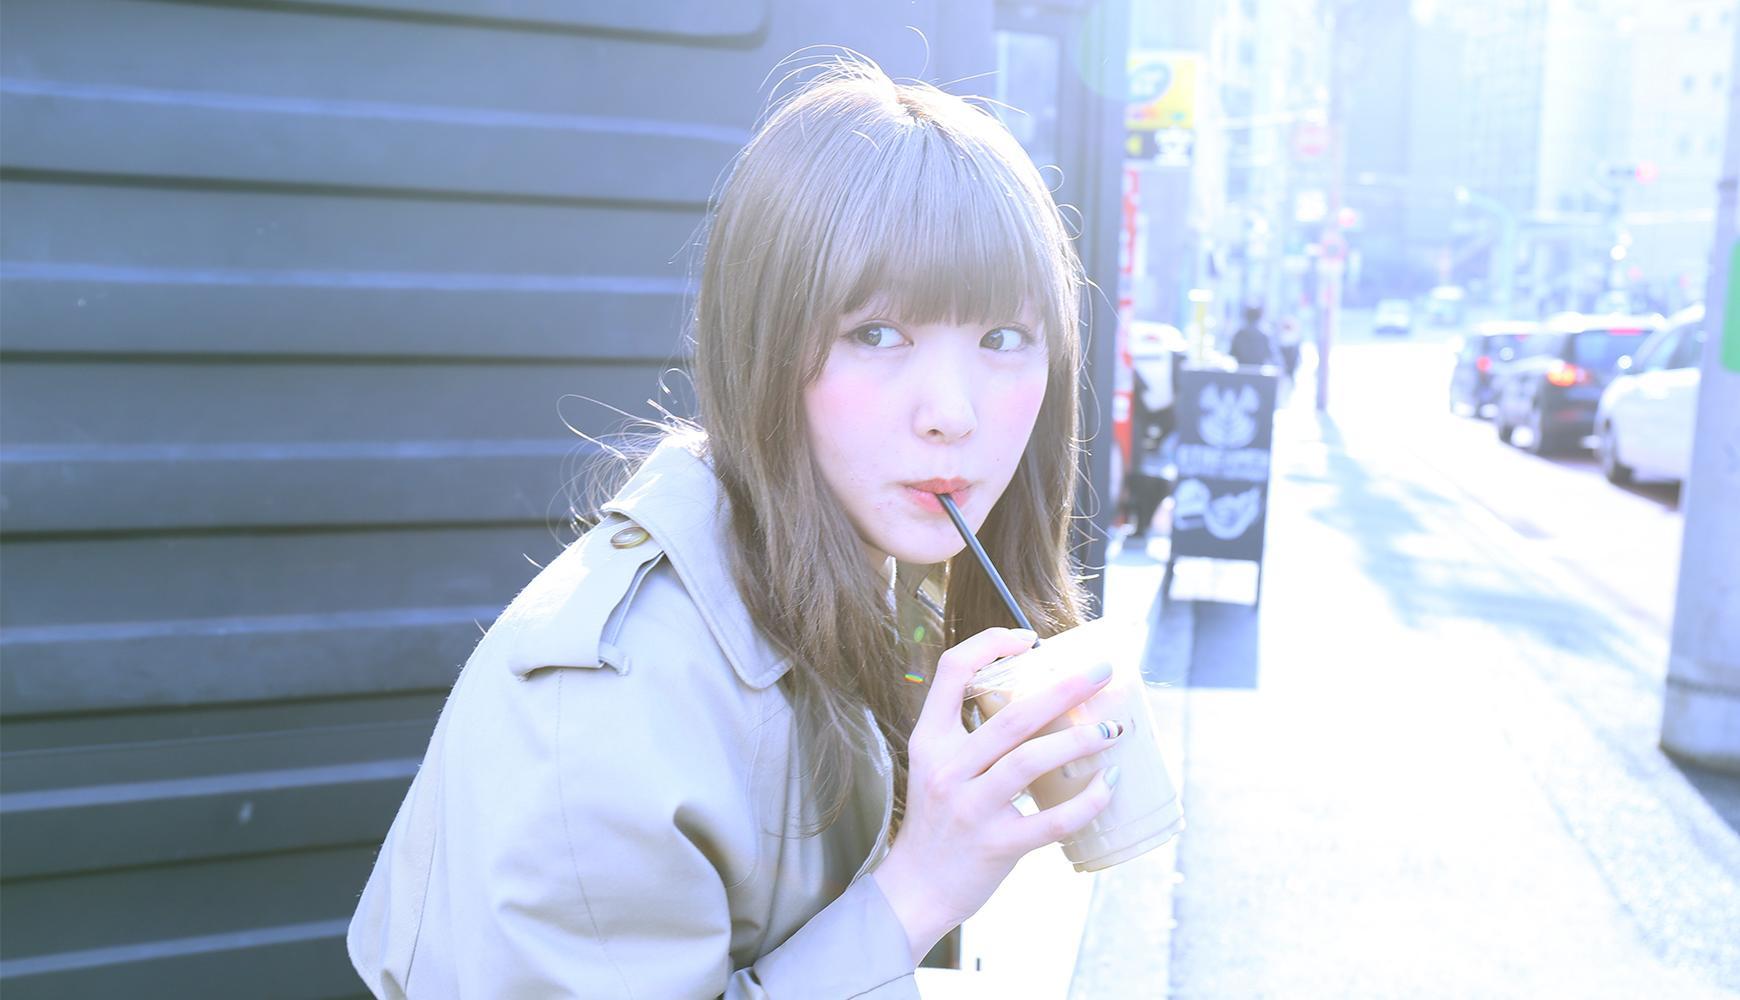 モデル・柴田ひかりによる撮り下ろし写真を使用したiPhoneケースがギズモビーズより発売!